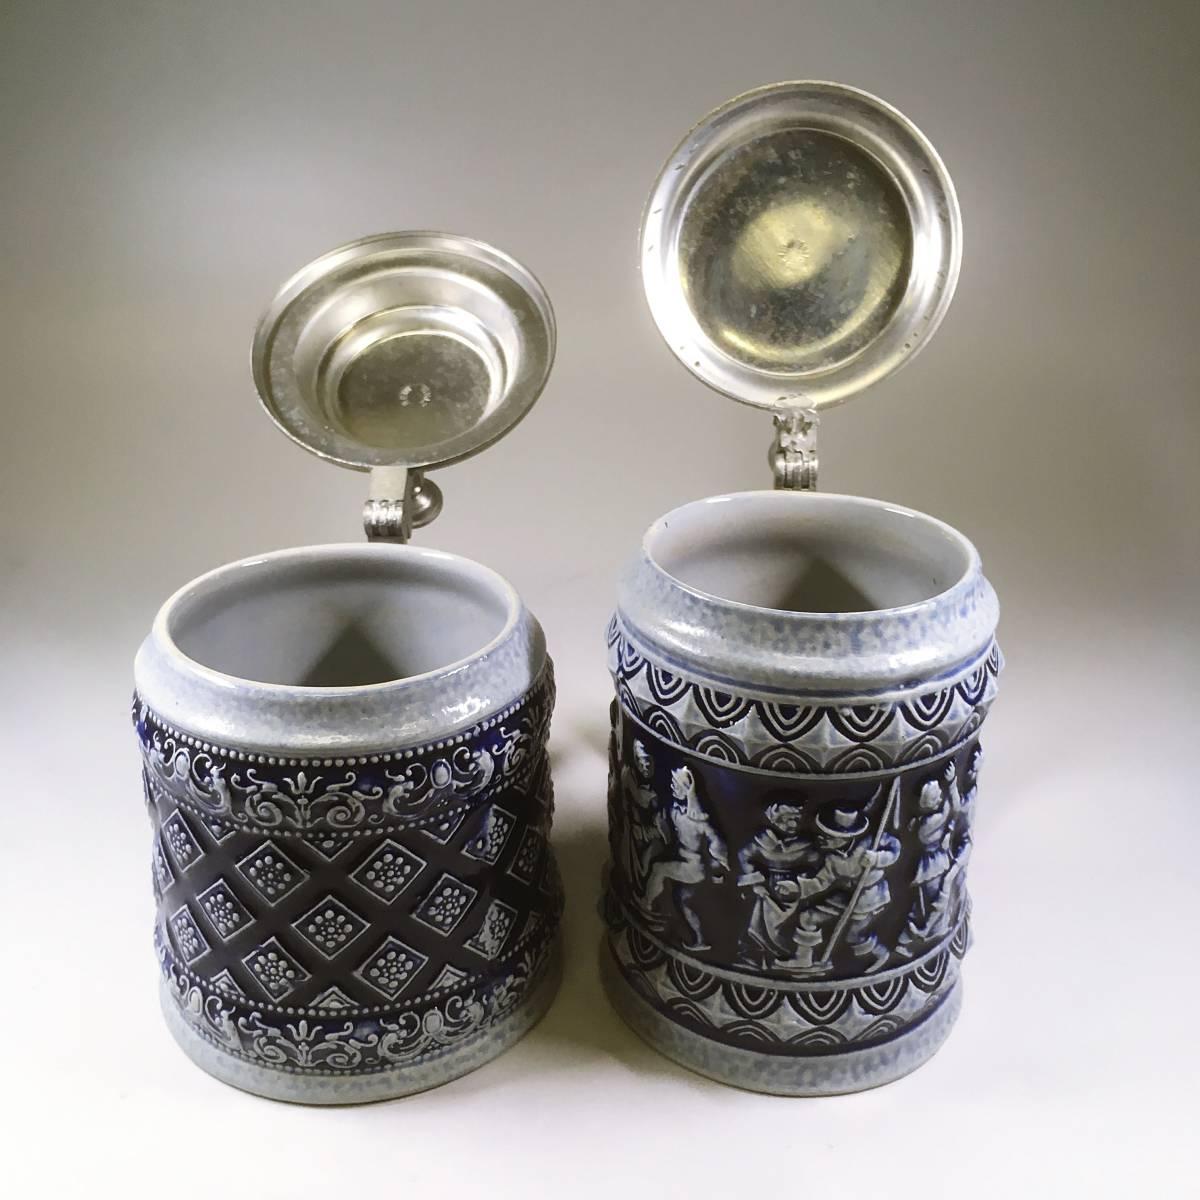 西ドイツ ビールジョッキ ビアグラス 2個セット 彫刻 ドイツスタイル 陶器製 グラス 蓋付 酒器_画像5